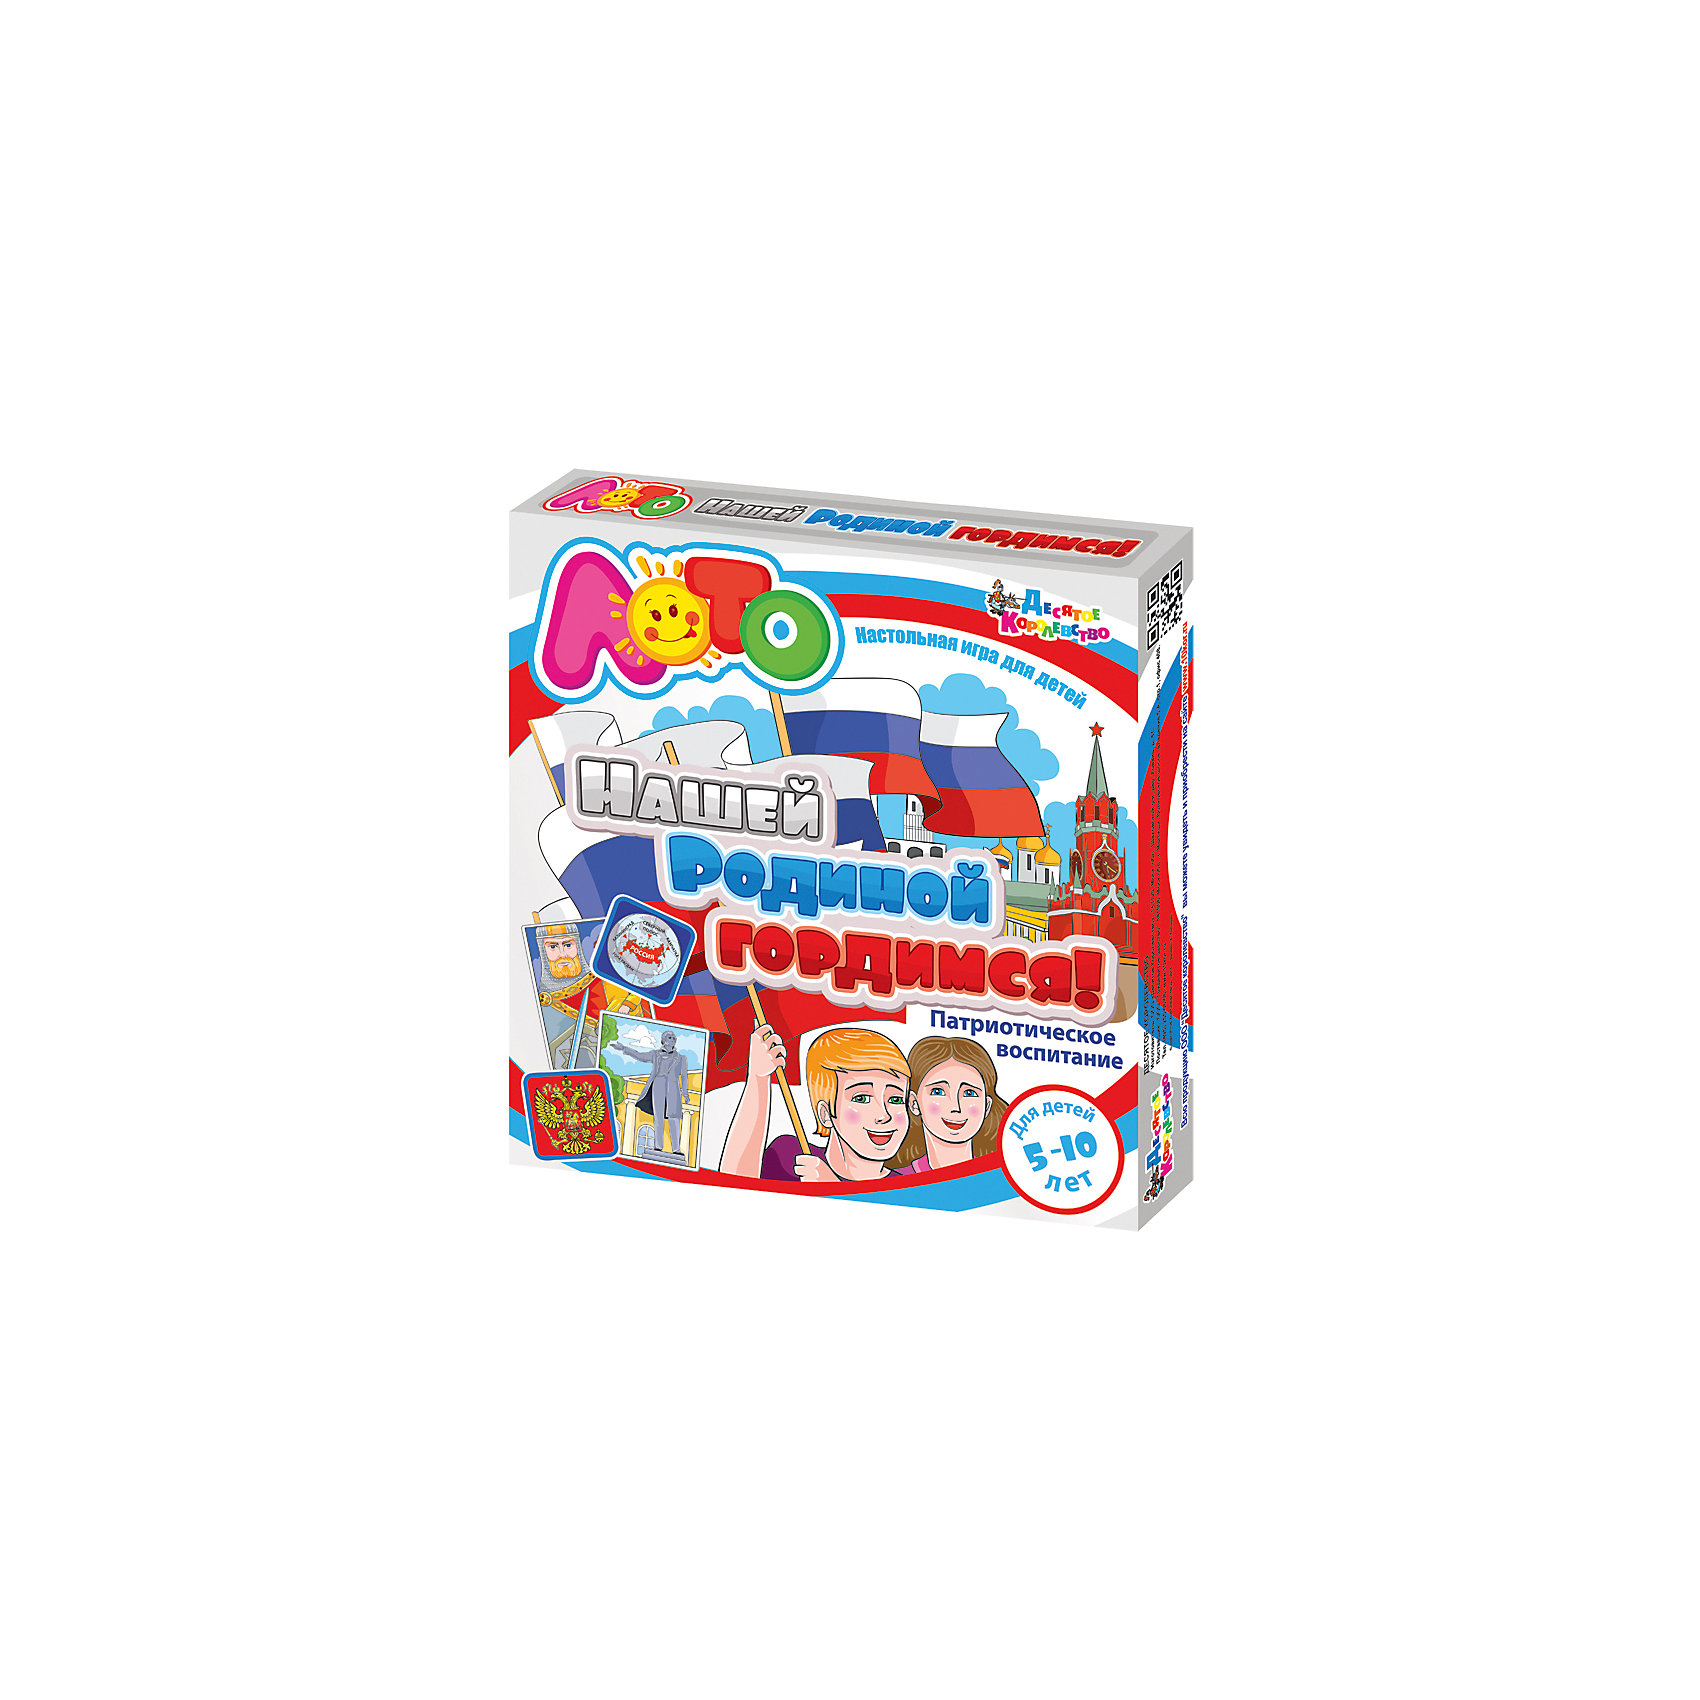 Лото Нашей Родиной гордимся, Десятое королевствоНастольные игры<br>Лото Нашей Родиной гордимся, Десятое королевство<br><br>Характеристики: <br><br>• Возраст: от 4 лет<br>• Материал: картон<br>• В комплекте: 48 маленьких карточек, 40 больших карточек и инструкция<br><br>Это увлекательное лото в игровой форме расскажет ребенку о культуре России. В наборе содержатся 40 больших и 48 маленьких карточек. Суть игры в том, чтобы к большой карточке подобрать верный вариант маленькой, когда на большой карточке изображена картинка и стихотворение, а на маленькой - только картинка. <br><br>Благодаря тому, что на одну большую карточку приходятся 1-2 маленькие, игра обладает большой вариативностью и увеличивает игровое время, а так же количество интересного для ребенка материала.<br><br>Лото Нашей Родиной гордимся, Десятое королевство можно купить в нашем интернет-магазине.<br><br>Ширина мм: 285<br>Глубина мм: 280<br>Высота мм: 40<br>Вес г: 369<br>Возраст от месяцев: 60<br>Возраст до месяцев: 84<br>Пол: Унисекс<br>Возраст: Детский<br>SKU: 5473761